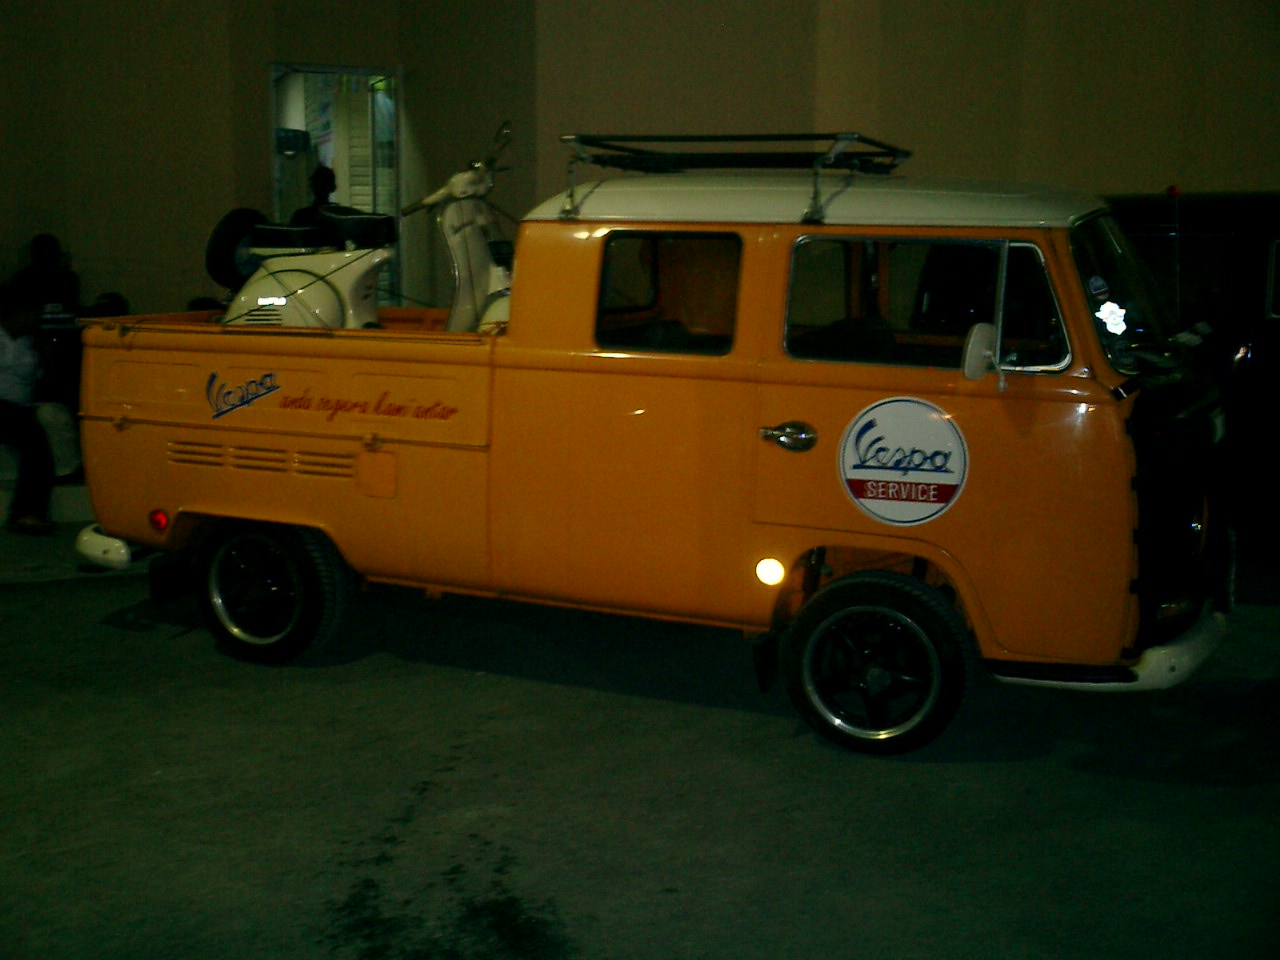 1968 double cab vespa service car